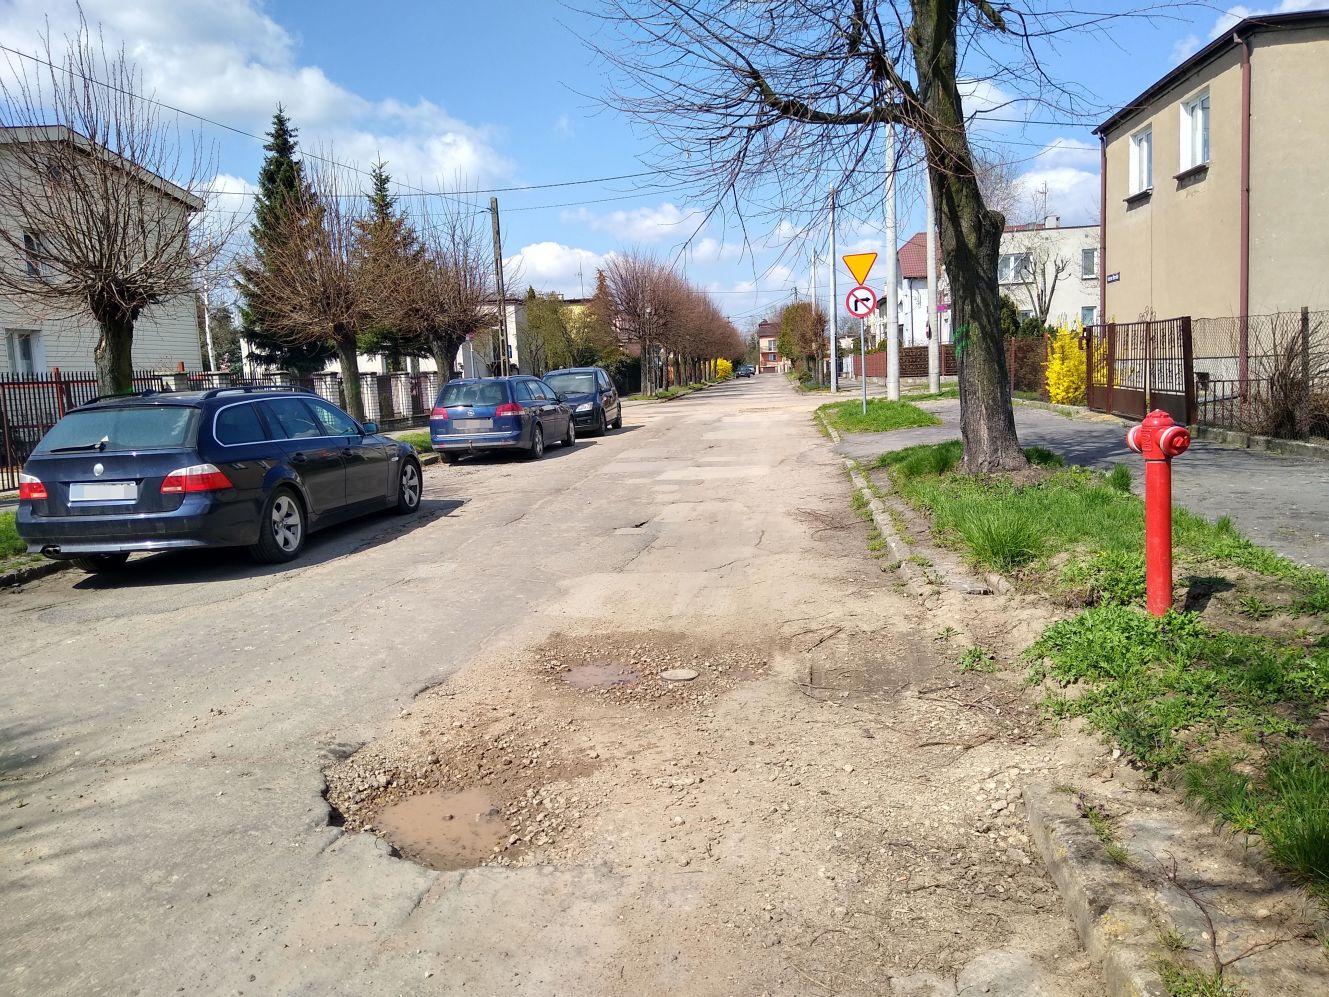 Ciekawe oferty na remont kolejnej kutnowskiej ulicy. Uda się zrealizować inwestycję? [ZDJĘCIA] - Zdjęcie główne